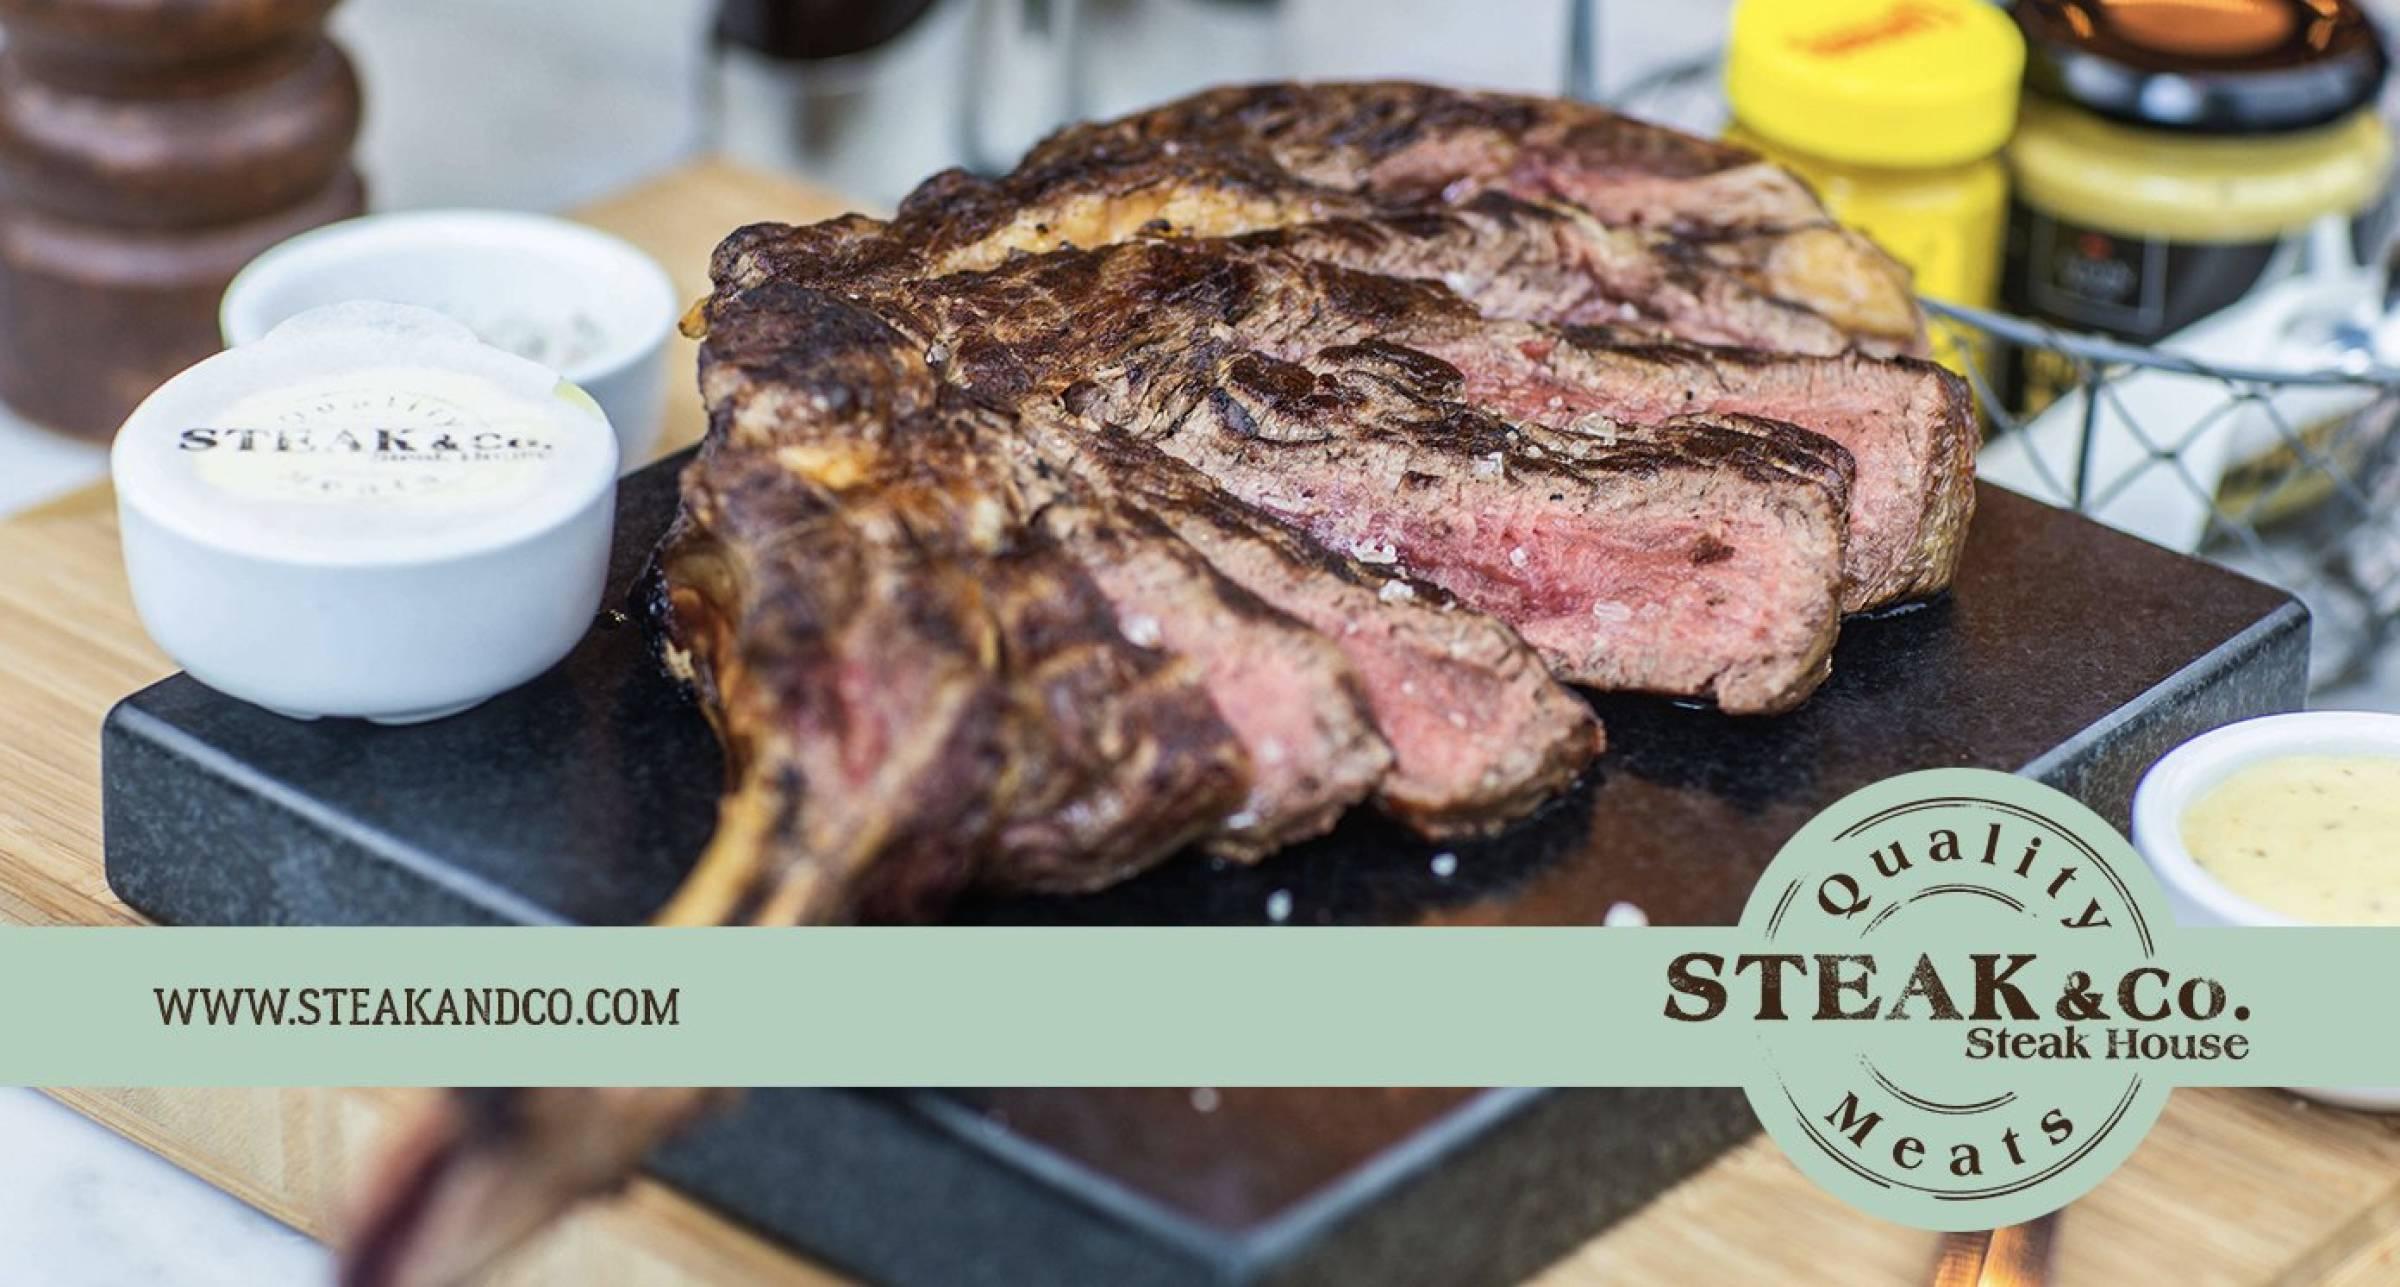 Steak & Co. Garrick Street Covent Garden